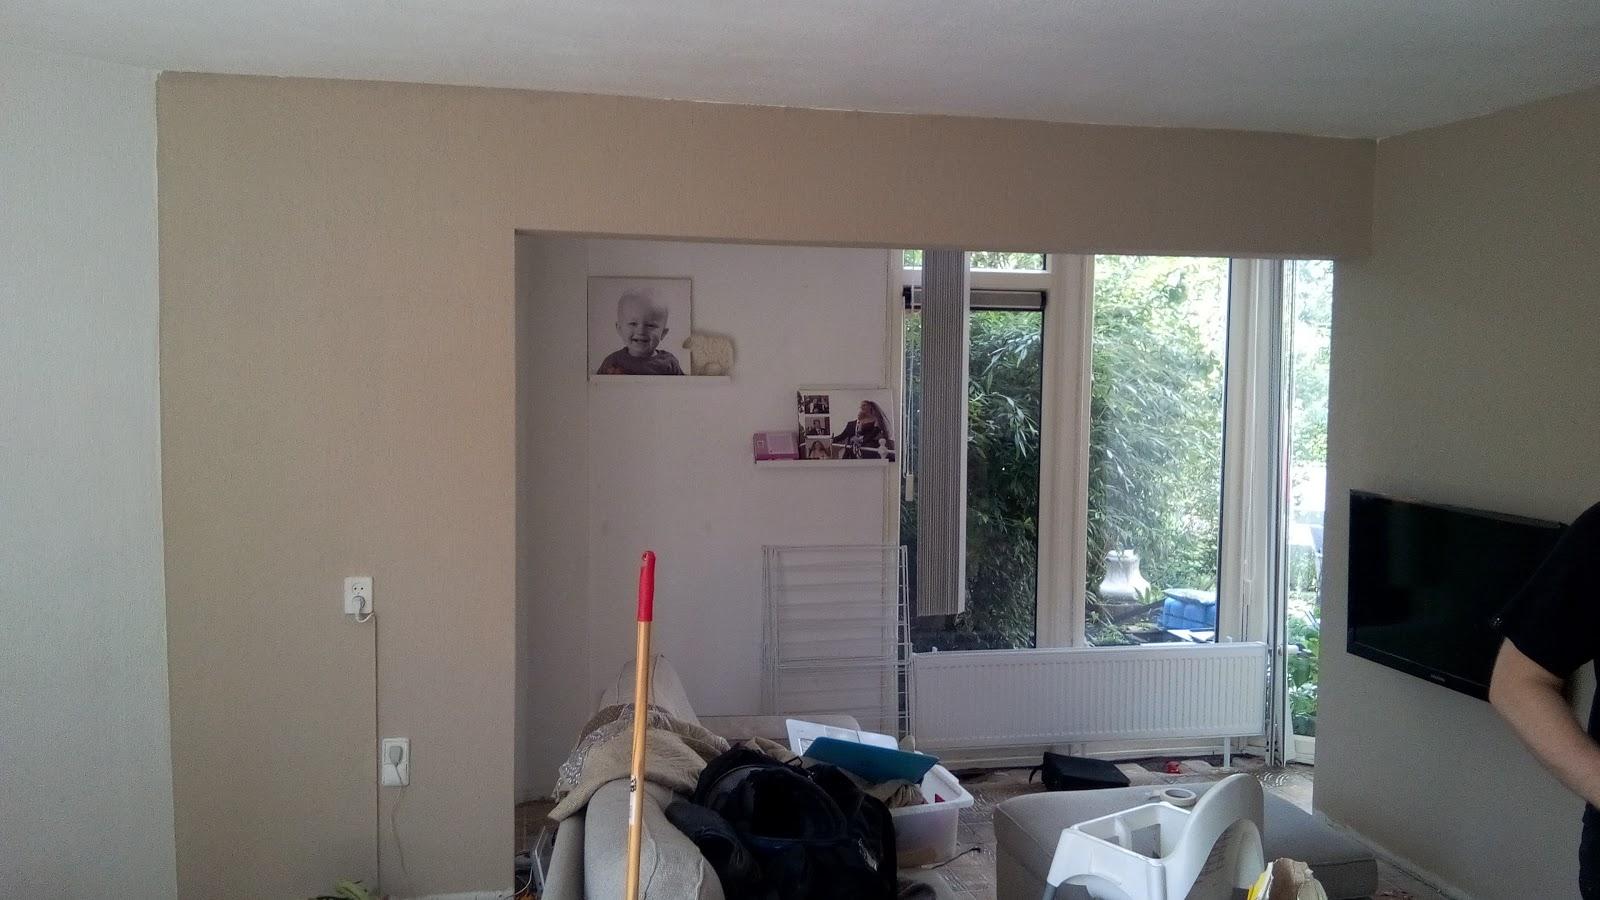 Sander en Daantjes mint groene blog: Foto\'s van de woonkamer bij ...